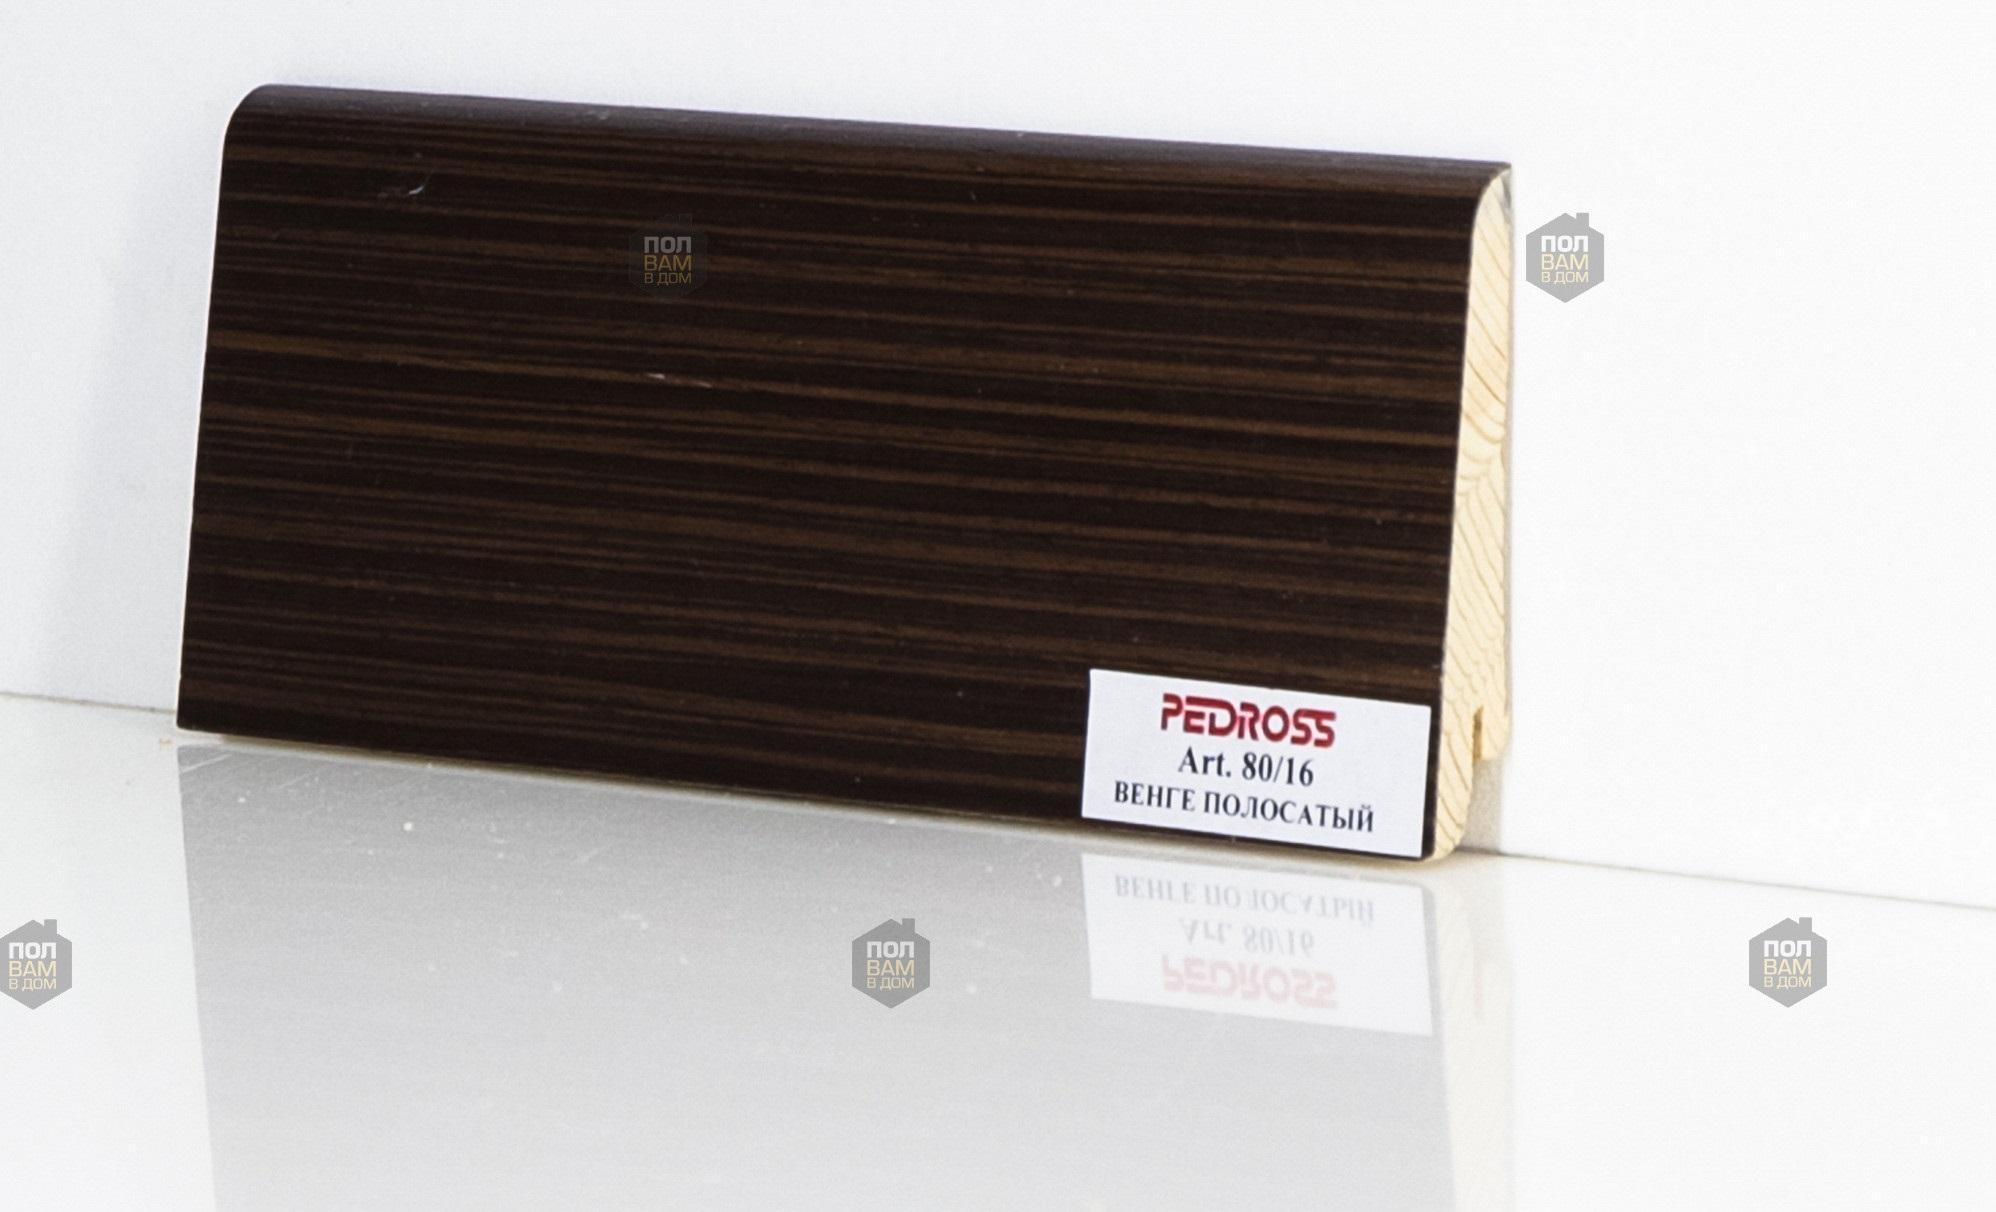 Плинтус напольный Pedross венге полосатый